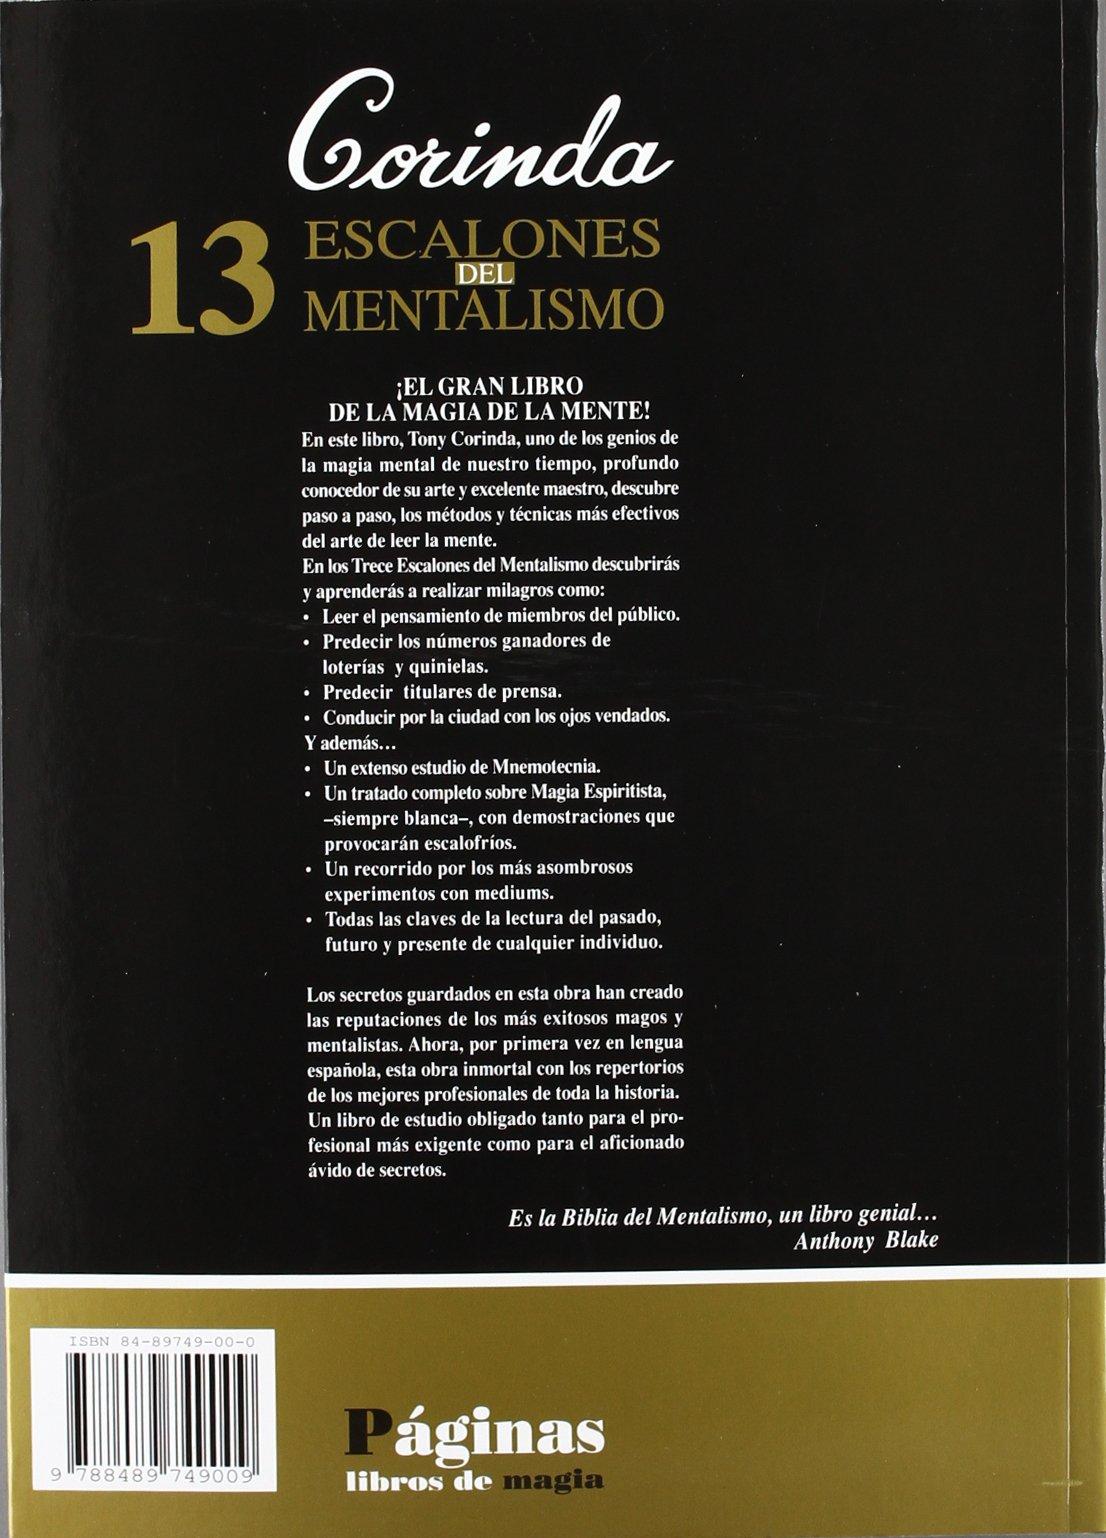 LIBRO LOS 13 ESCALONES DEL MENTALISMO PDF DOWNLOAD